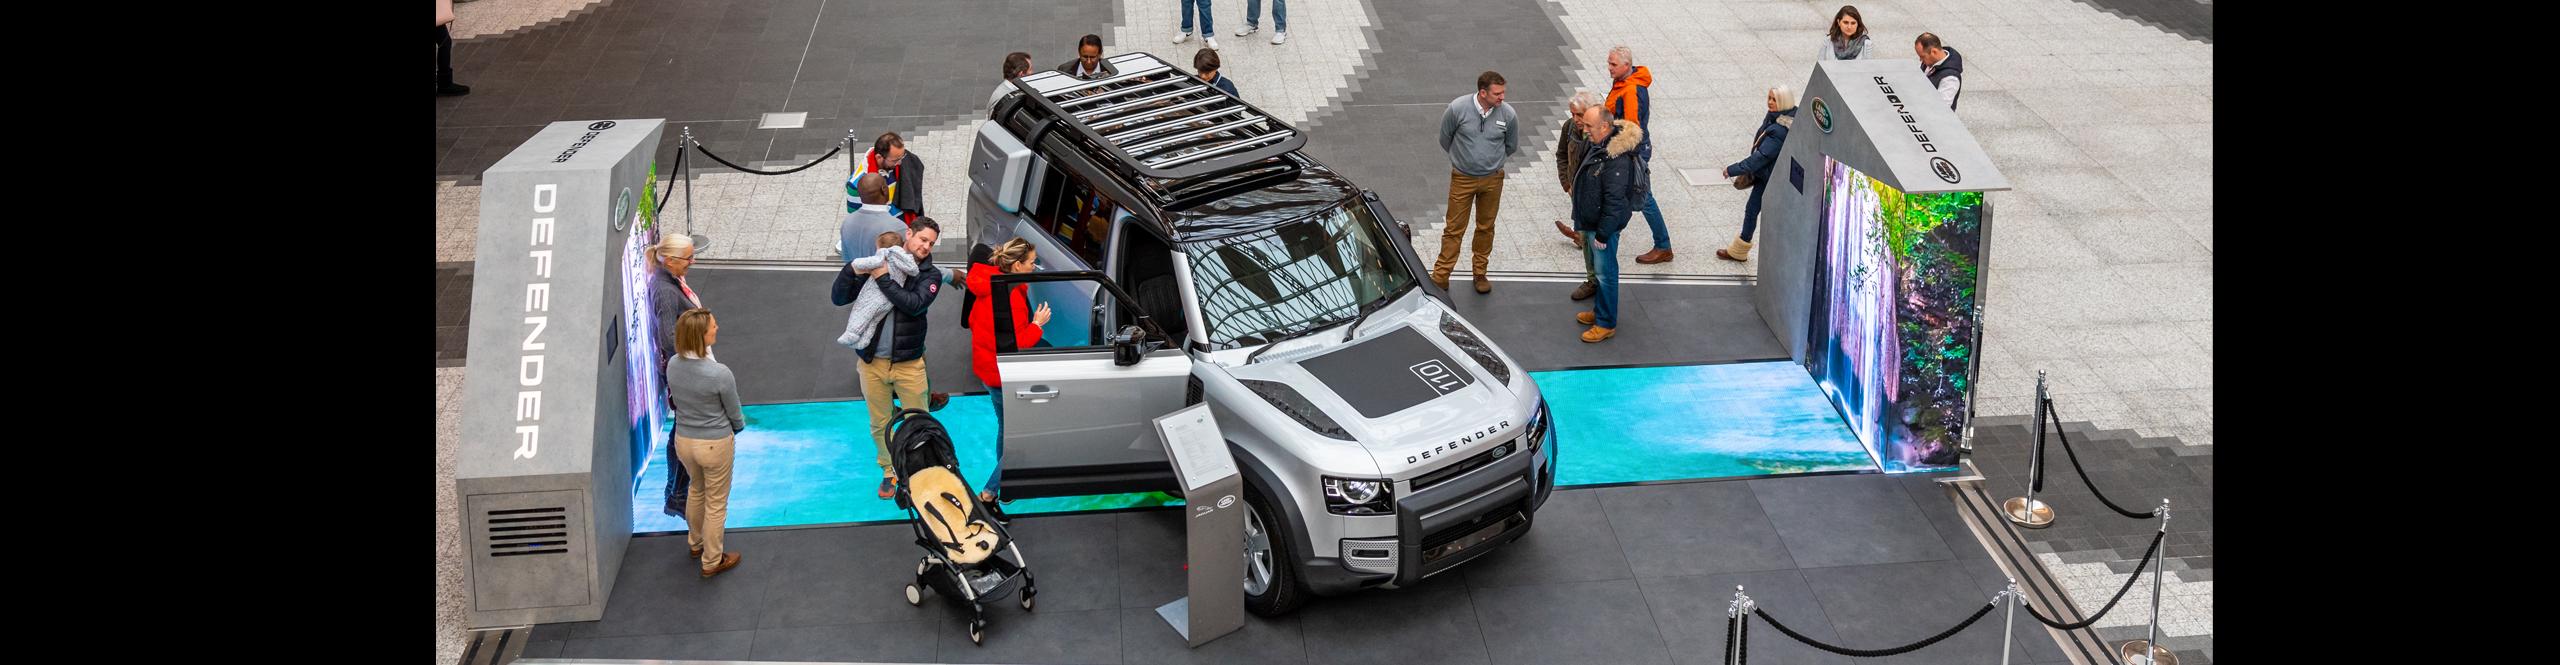 Land Rover Defender UK tour